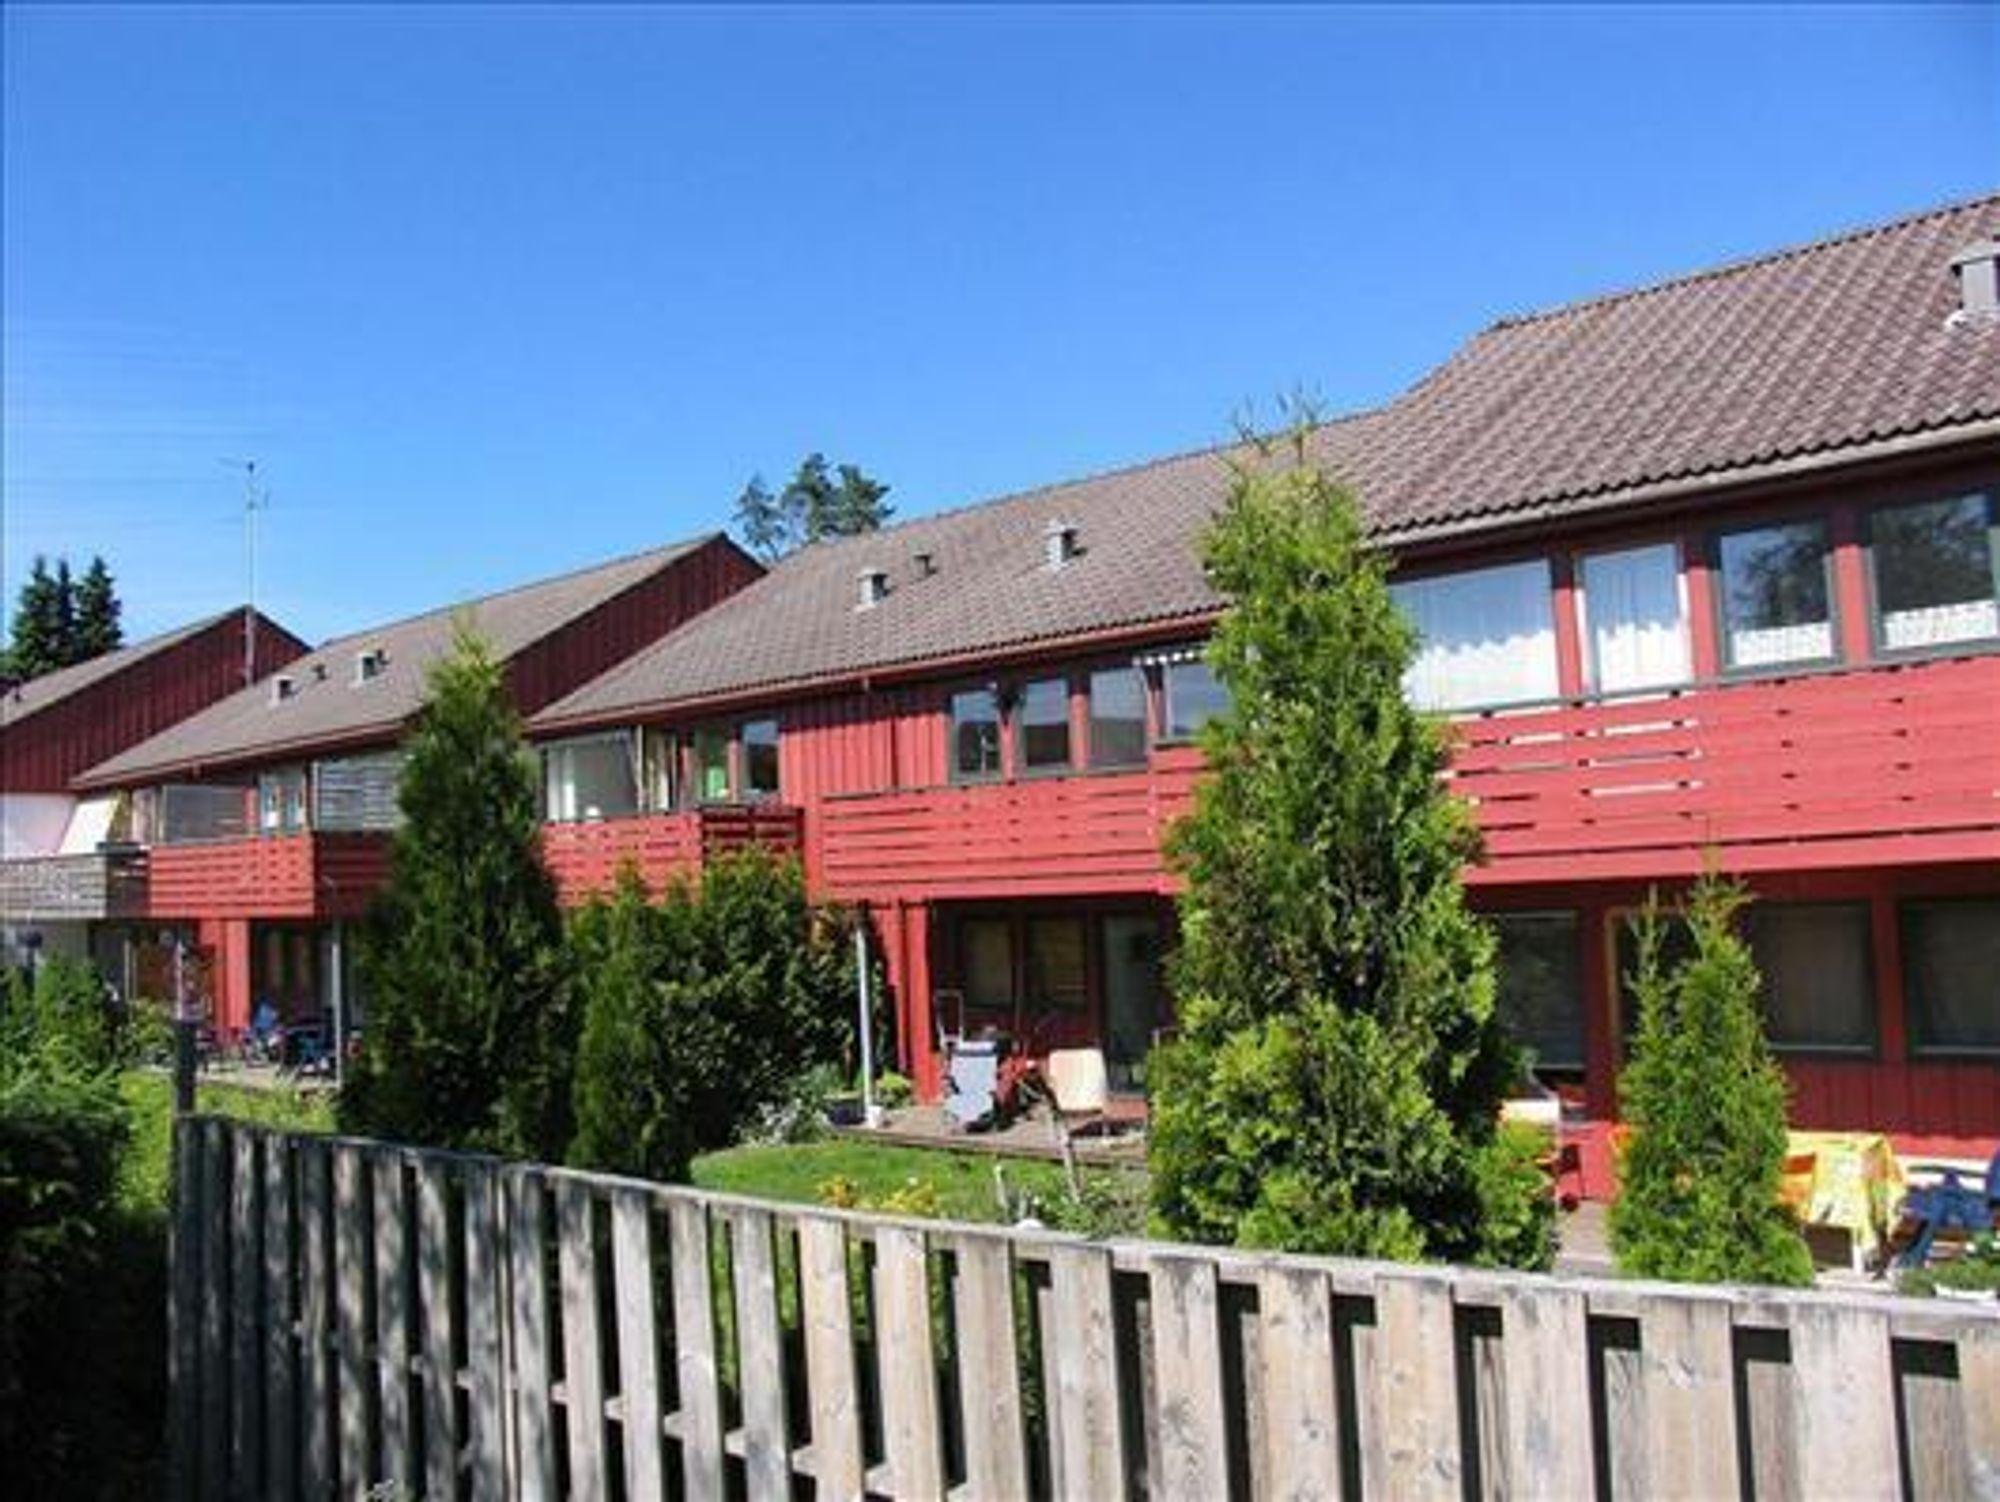 ØKER MEST: Borettslagsprisene øker mest i Stavanger, melder NBBL. Her et rekkehus i Sandal som er til salgs med prisantydning 1,625 kroner for 83 kvadratmeter boareal.Med på kjøpet får kjøper en fellesgjeld på 51.597 kroner samt månedlige fellesutgifter på 3520 kroner.